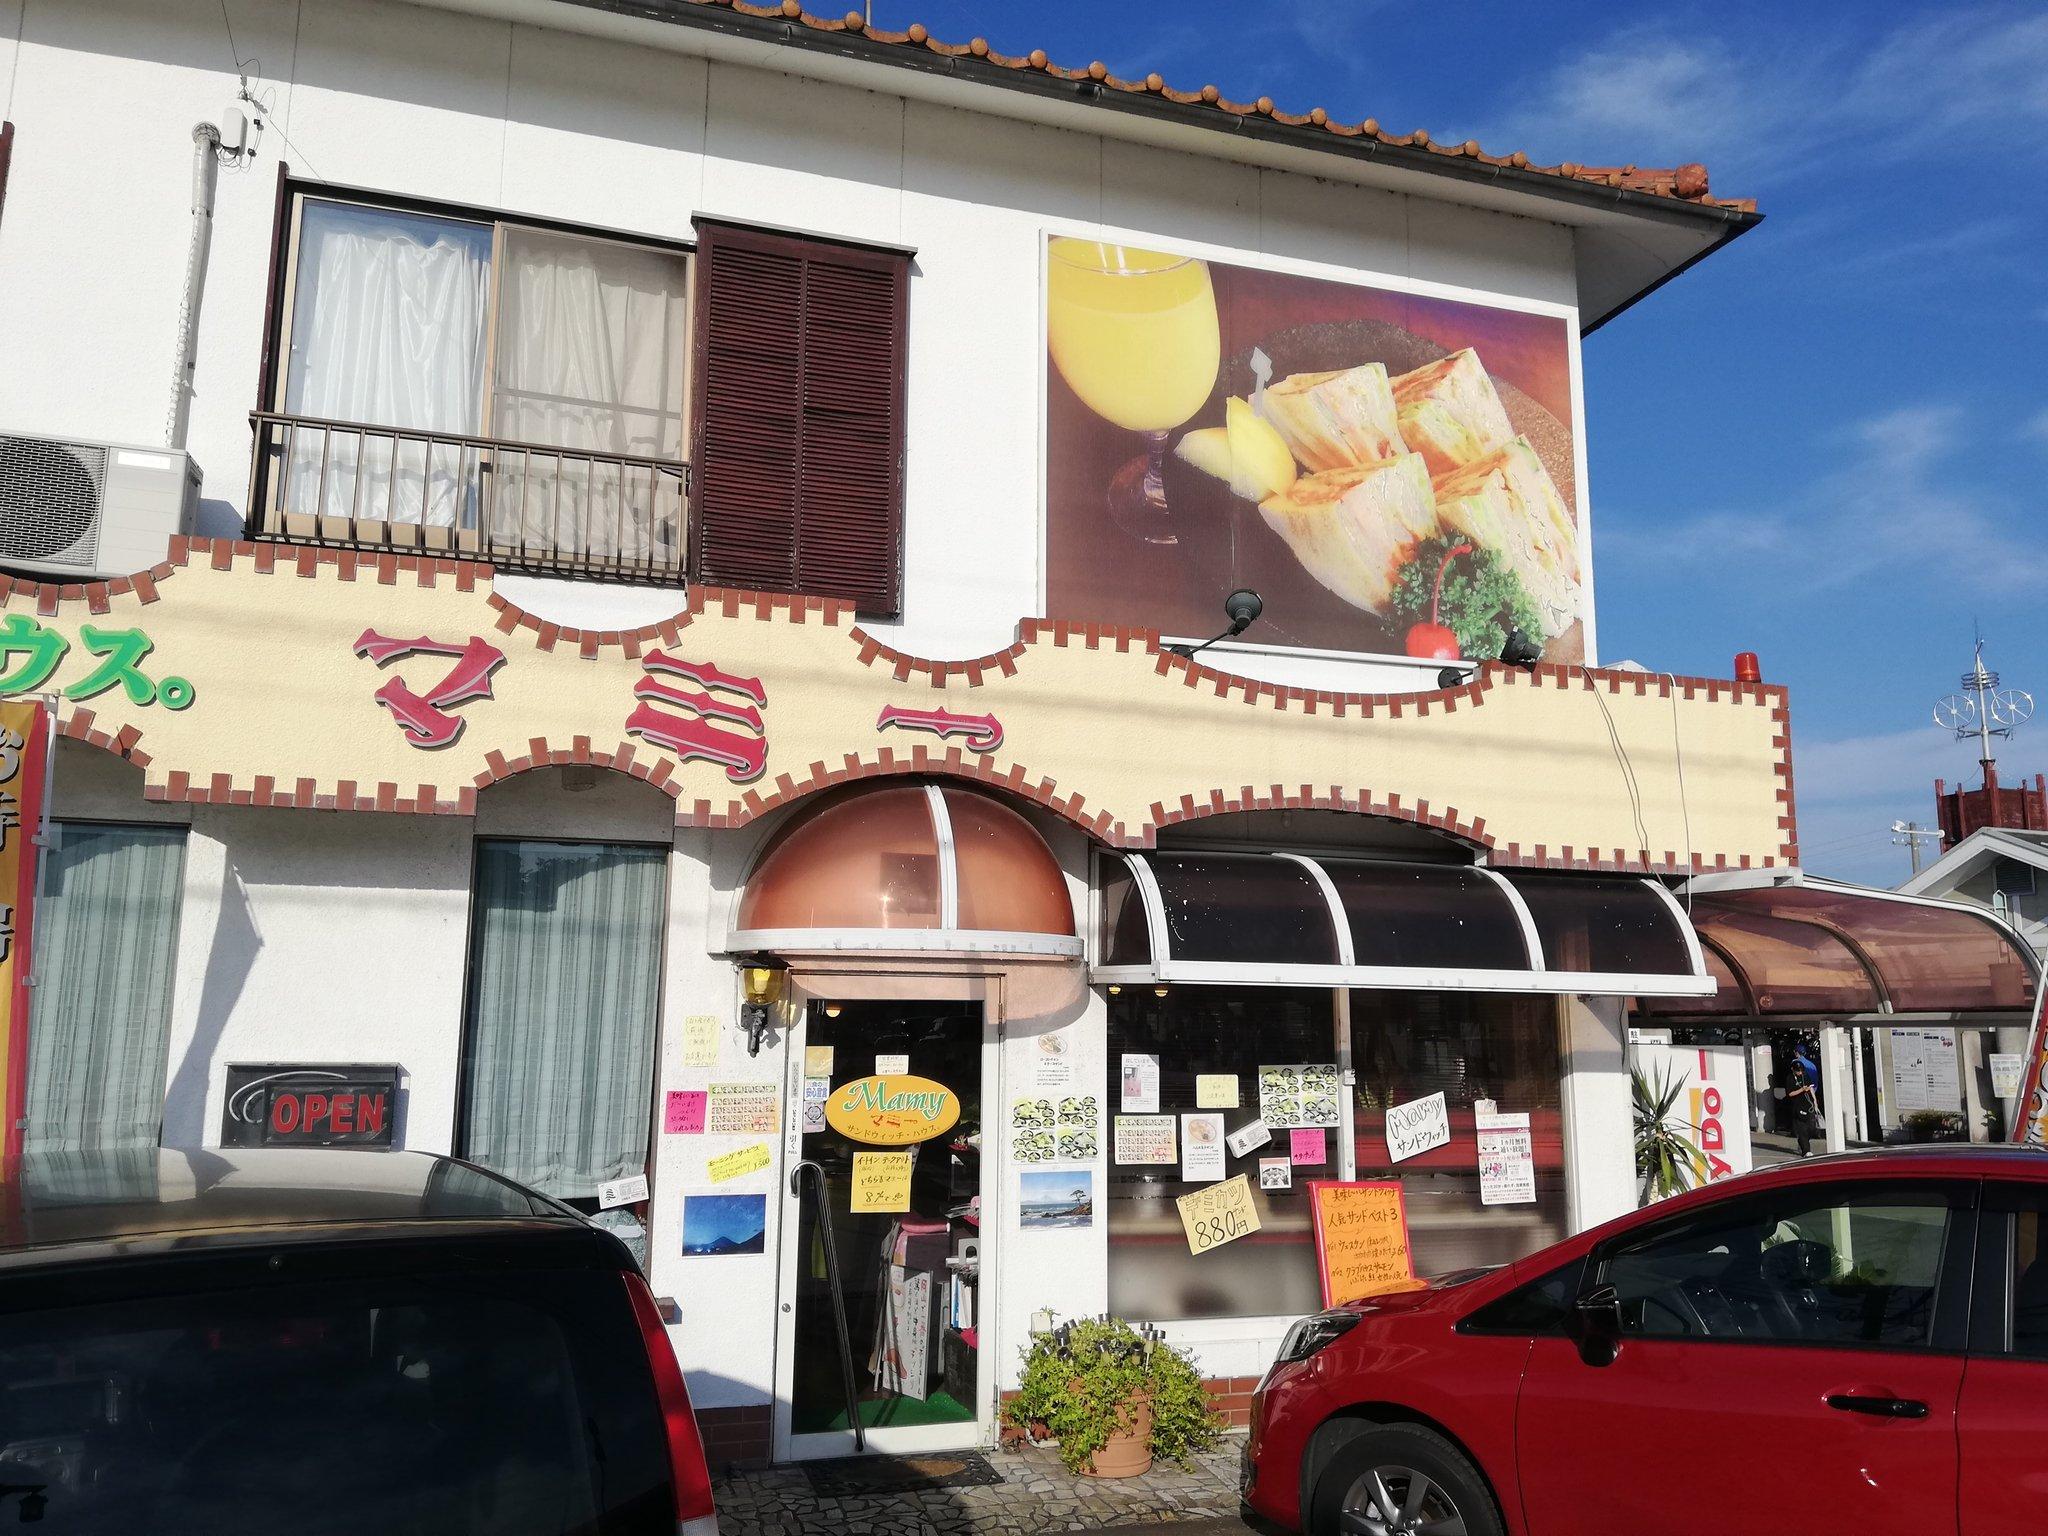 画像,朝の自主練?時の孤独のメニューは、岡山市は西大寺町、西大寺駅のロータリーにあるサンドウイッチ専門の喫茶店「マミー」にて、ローストチキンのサンドウイッチ。はみ出ん…